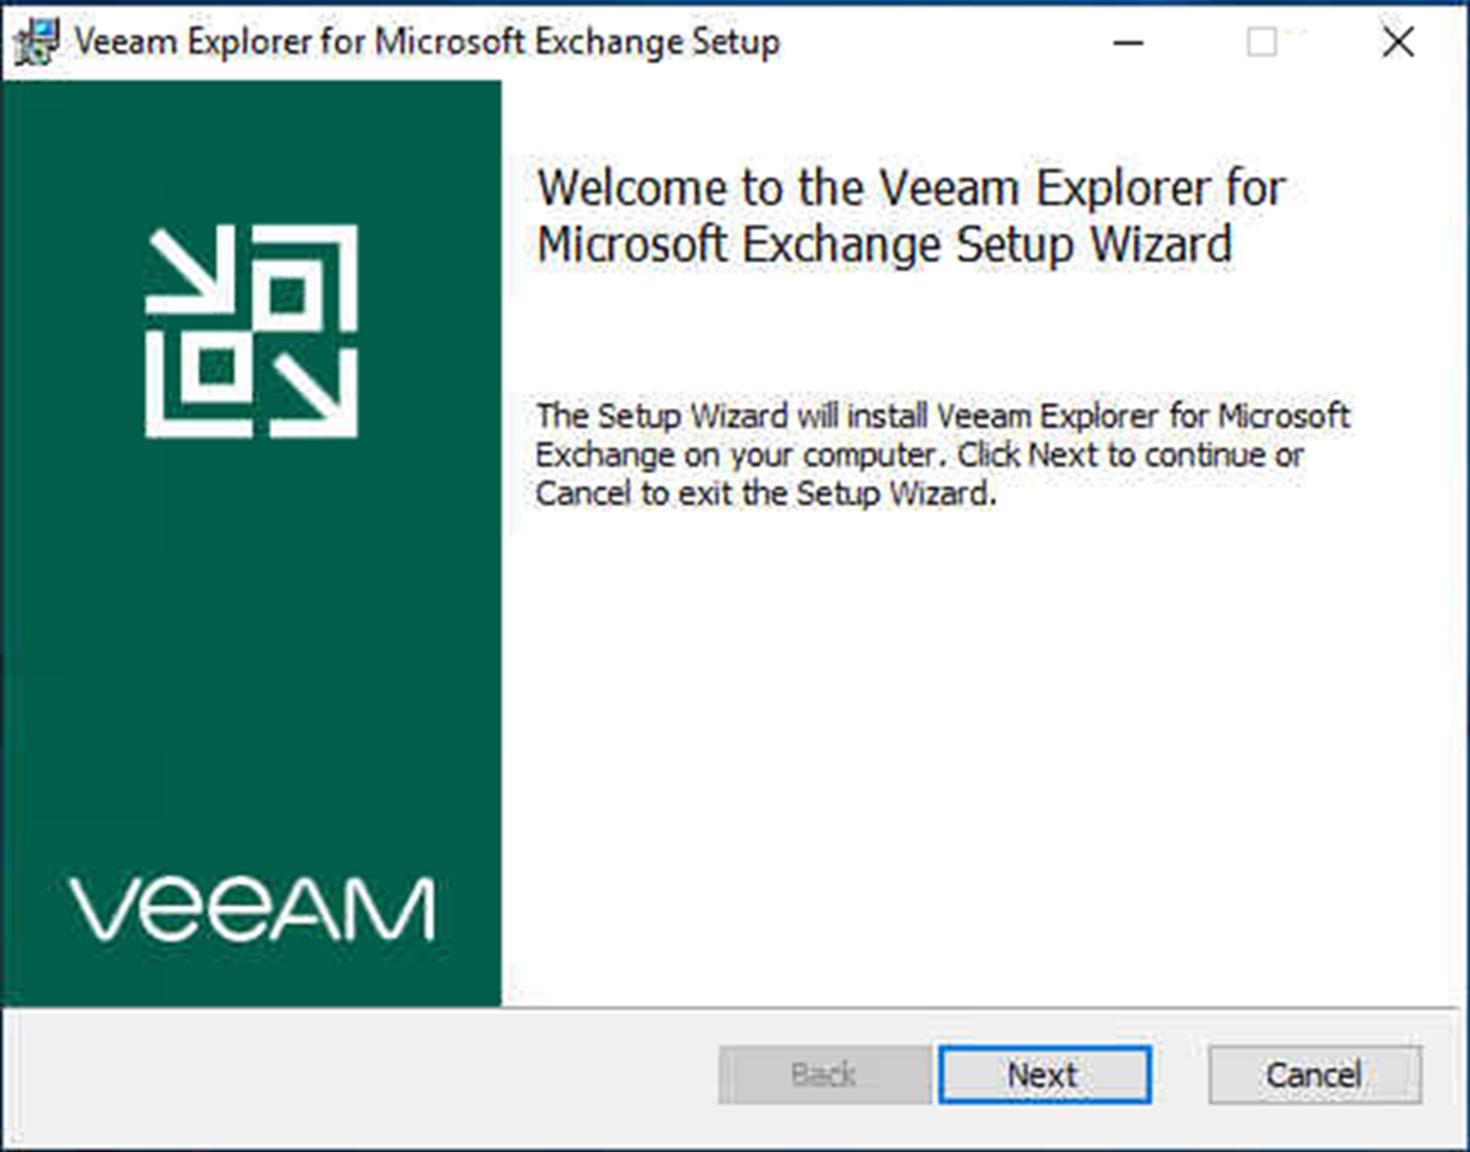 041019 0233 HowtoInstal10 - How to Install Veeam Backup for Microsoft Office 365 V3 #Veeam #MVPHOUR #Office365